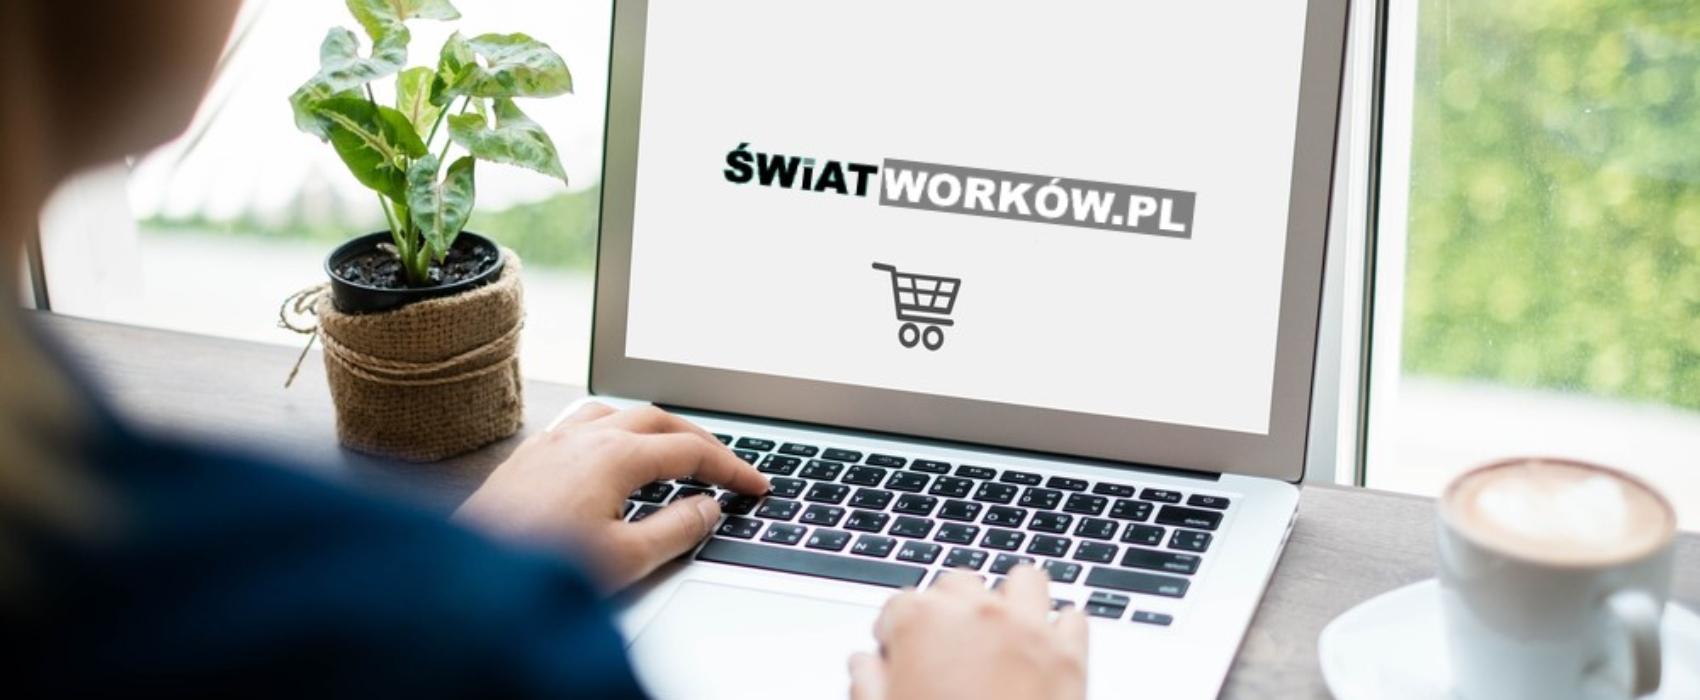 Świat worków opinie: gdzie kupić najlepsze worki do segregacji śmieci? Internet czy sklep stacjonarny? 2